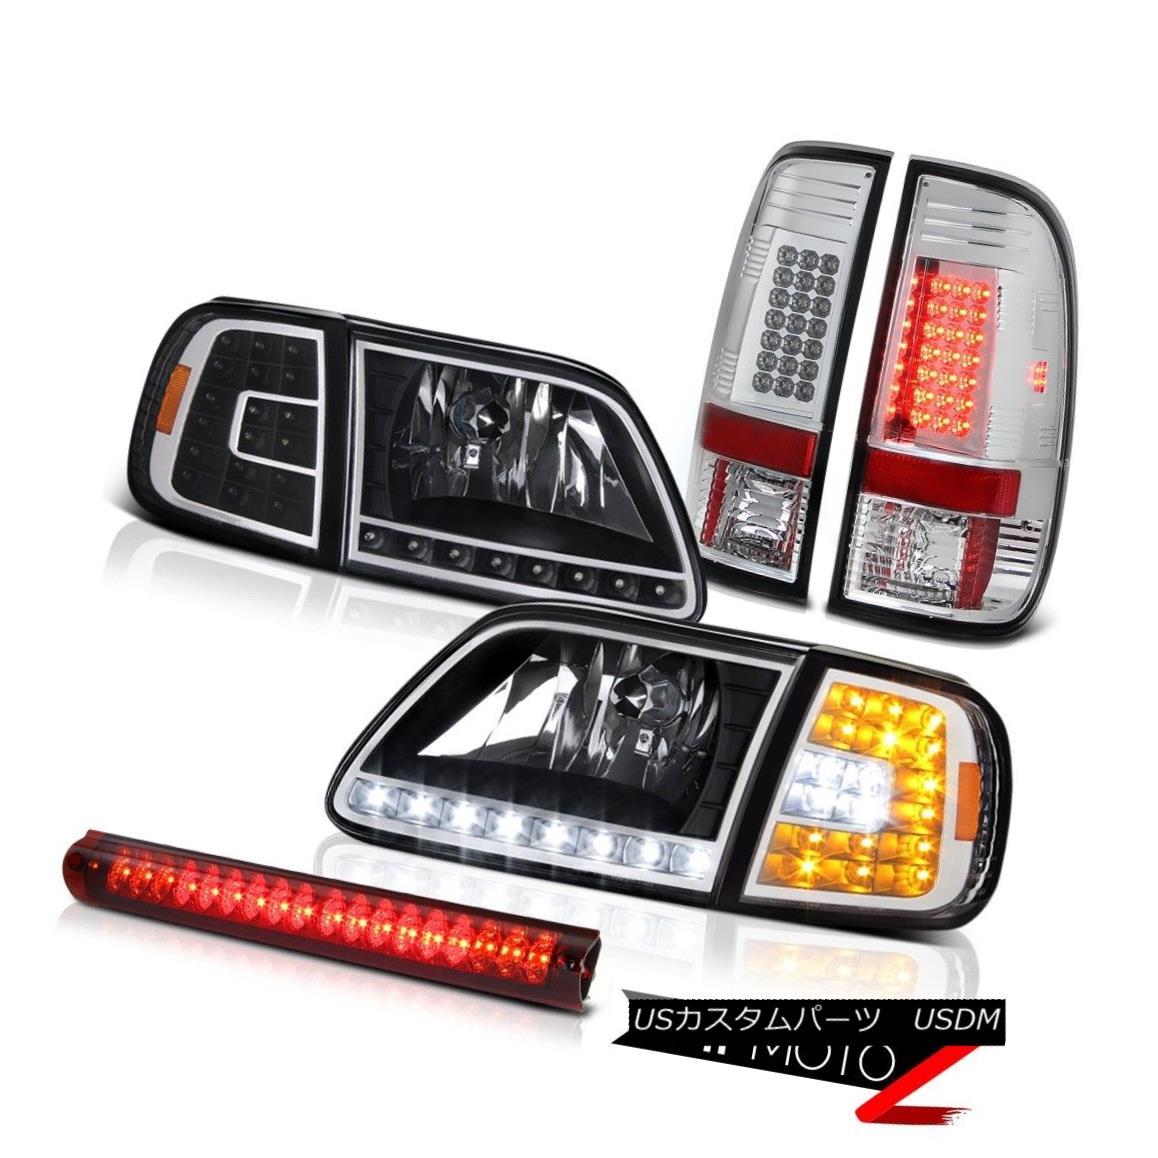 ヘッドライト 1997-2003 F150 King Ranch LED Corner+Headlights Chrome Taillamps Roof Brake Red 1997-2003 F150キングランチLEDコーナー+ヘッドリッグ hts Chrome Taillampsルーフブレーキレッド